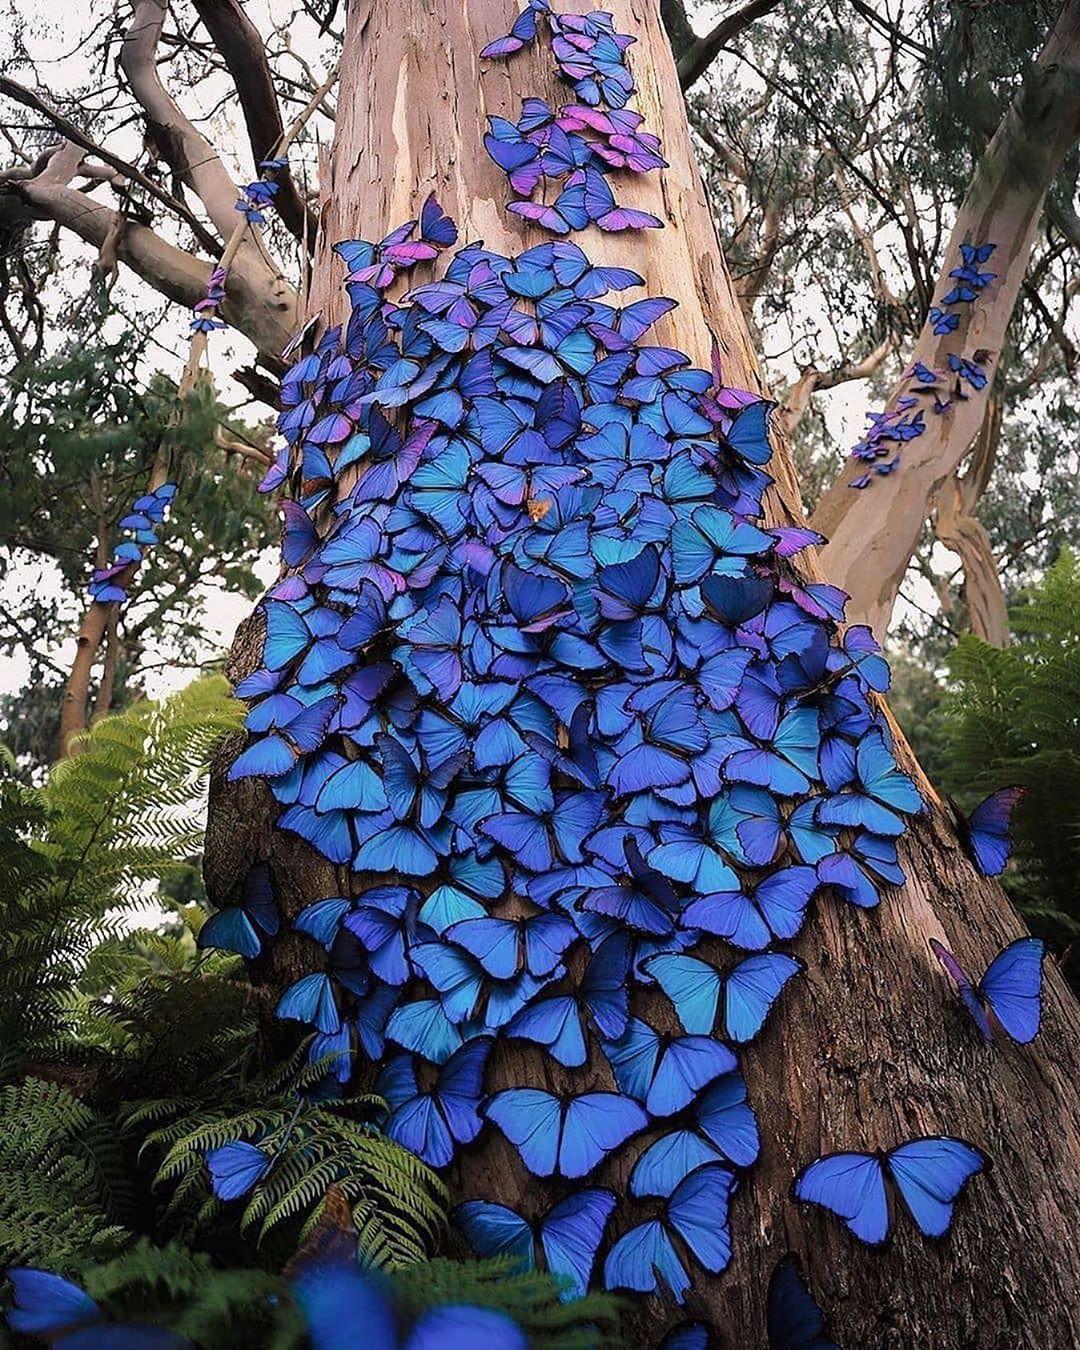 L'arbre papillon..   Photo: @kelvinhudson